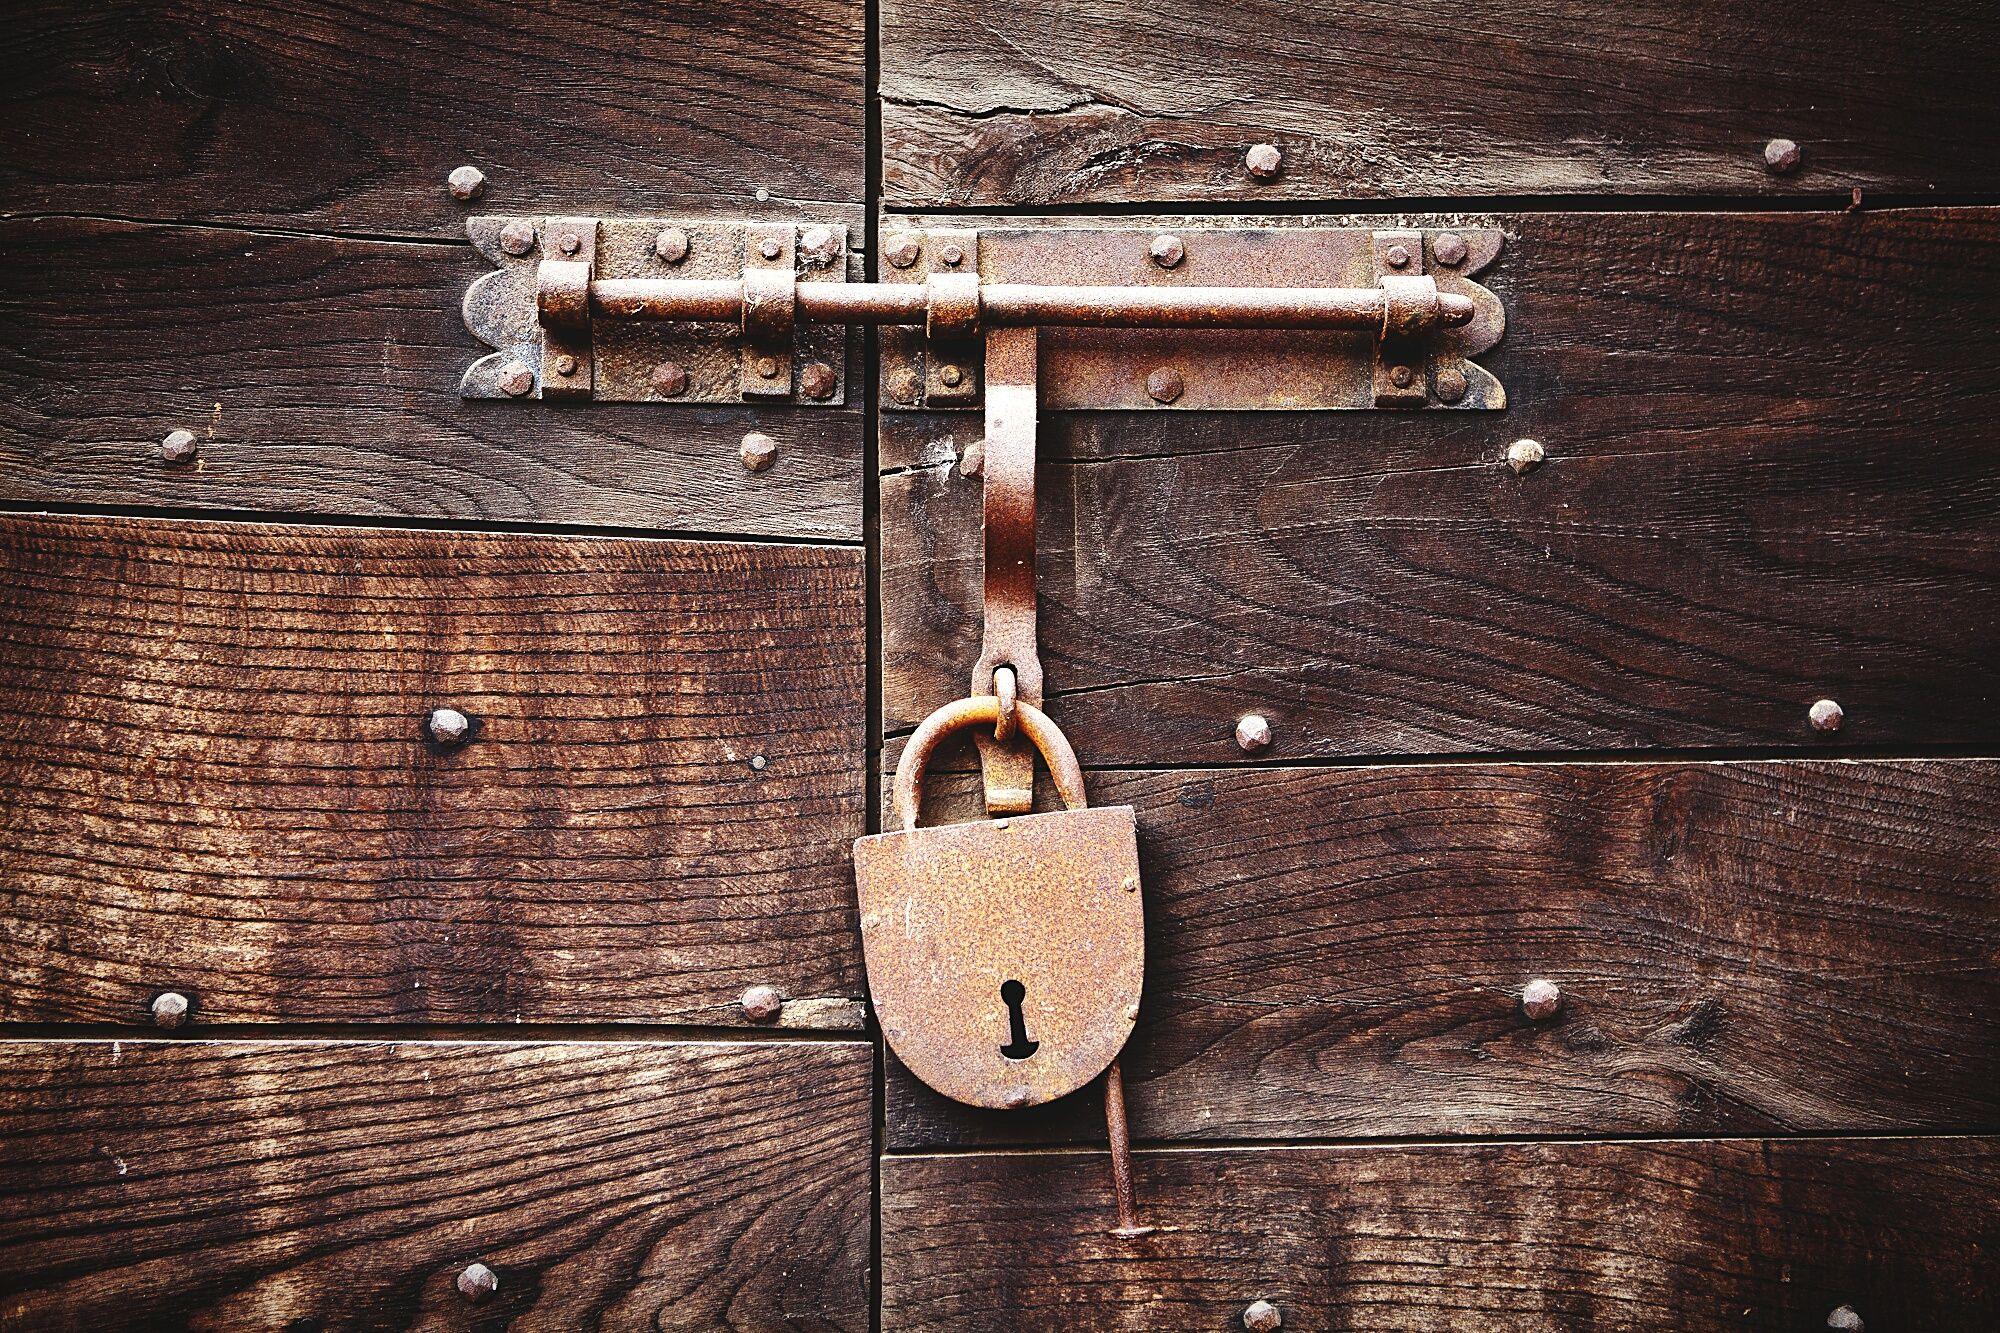 Close-Up Of Rusty Lock On Wooden Door